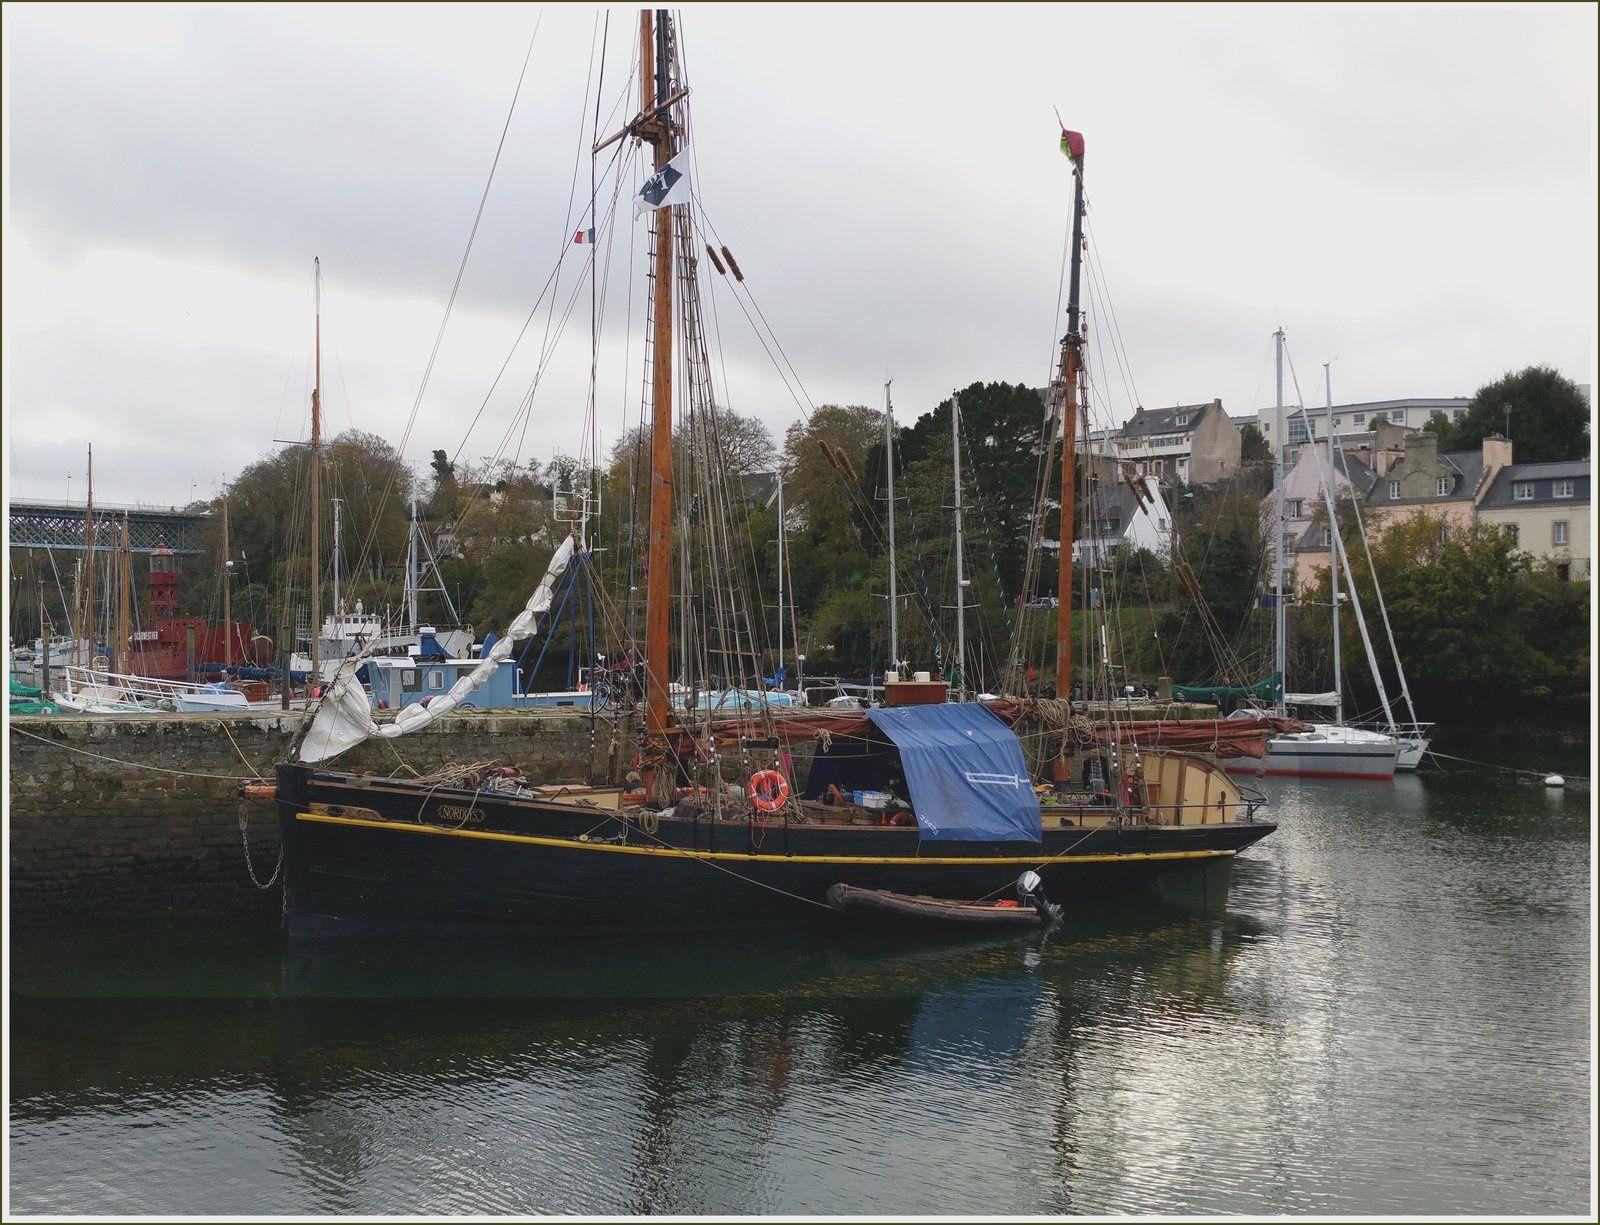 269 - Voilier Nordlys ketch aurique ancien bateau de pêche construit à l'île de Wight en 1873 photos caractéristiques du plus vieux cargo à voiles du monde, non motorisé.